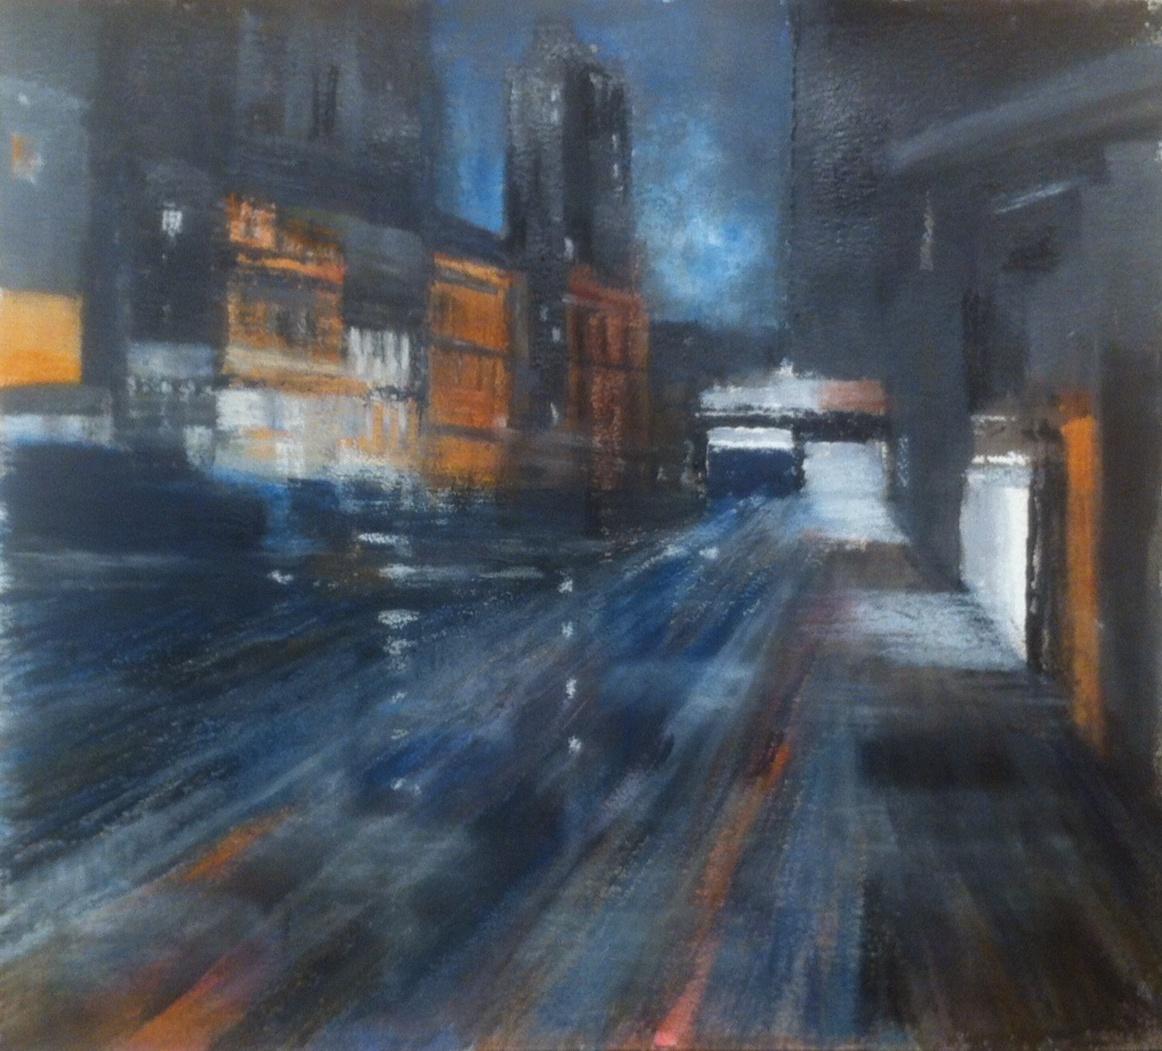 N°1762 - Town - Acrylique et pastel sur papier - 56 x 60 cm - 24 janvier 2015